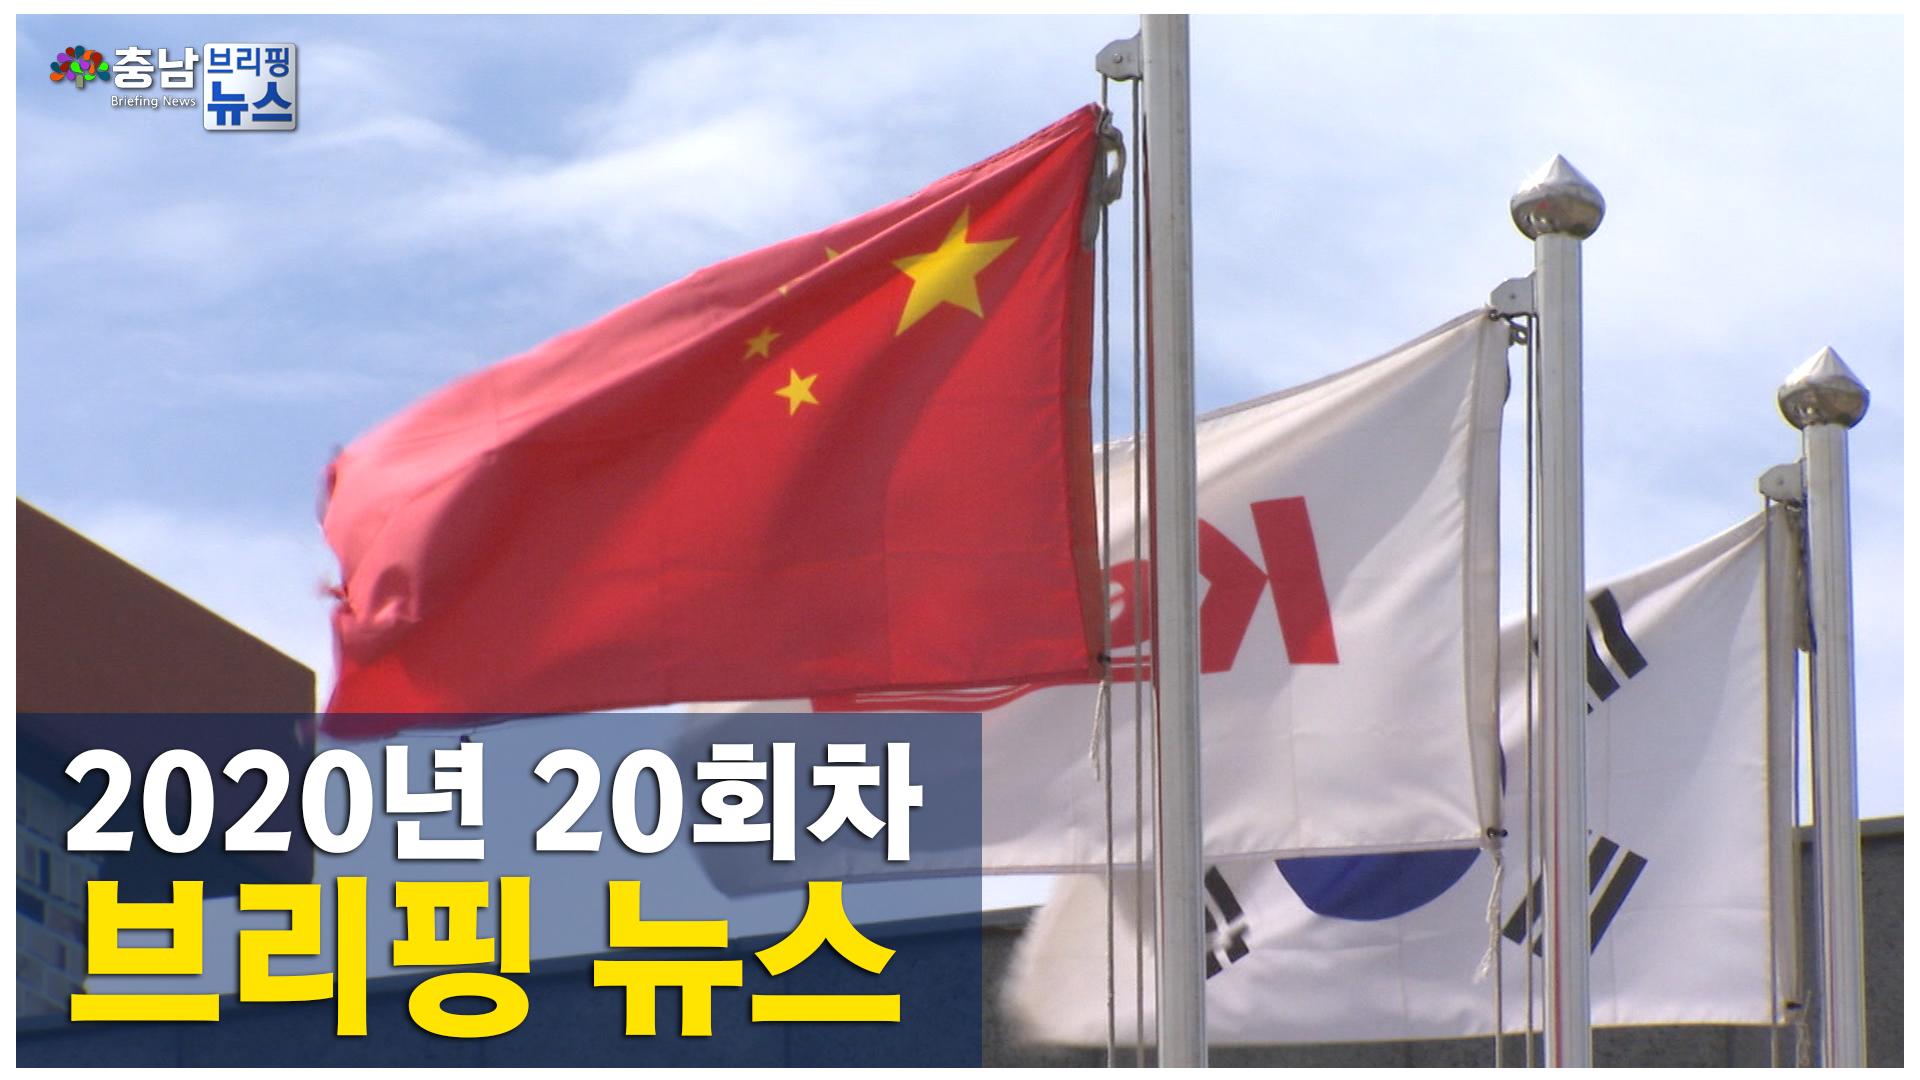 2020년 20회 브리핑뉴스